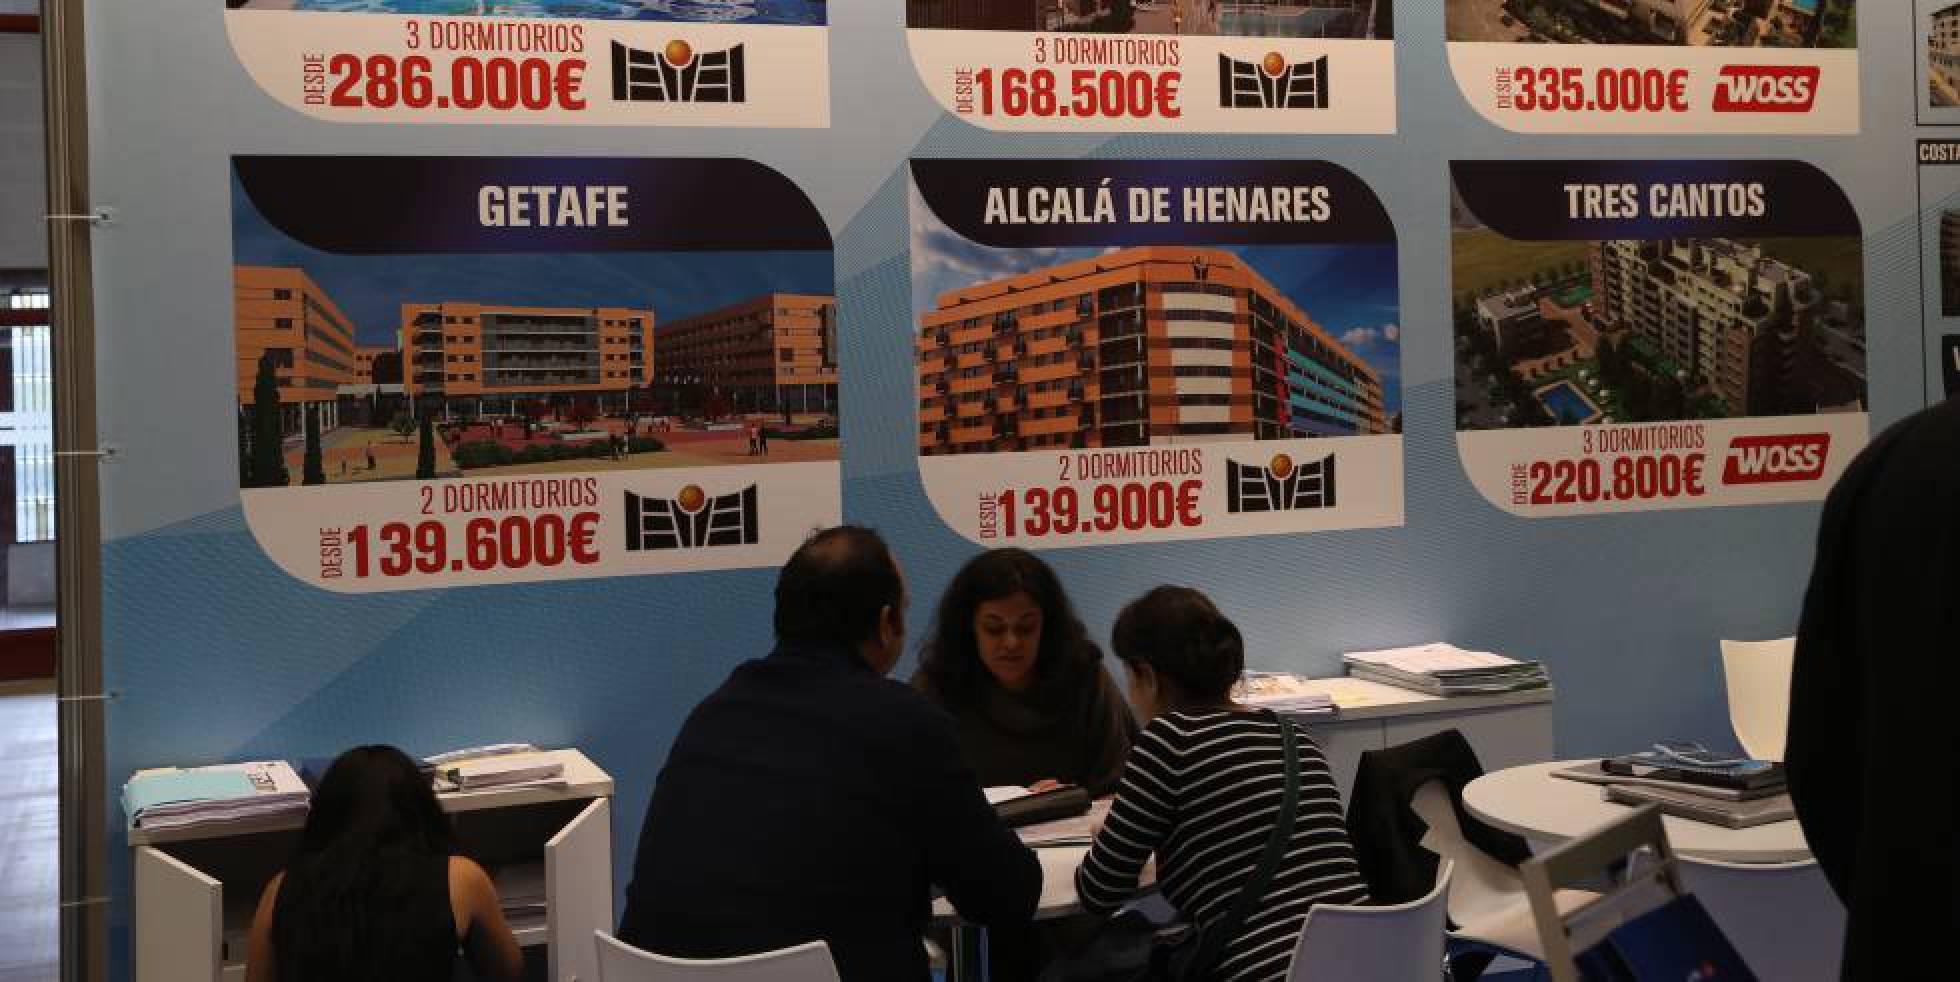 Las inmobiliarias ponen a la venta más de 15.000 viviendas este fin de semana